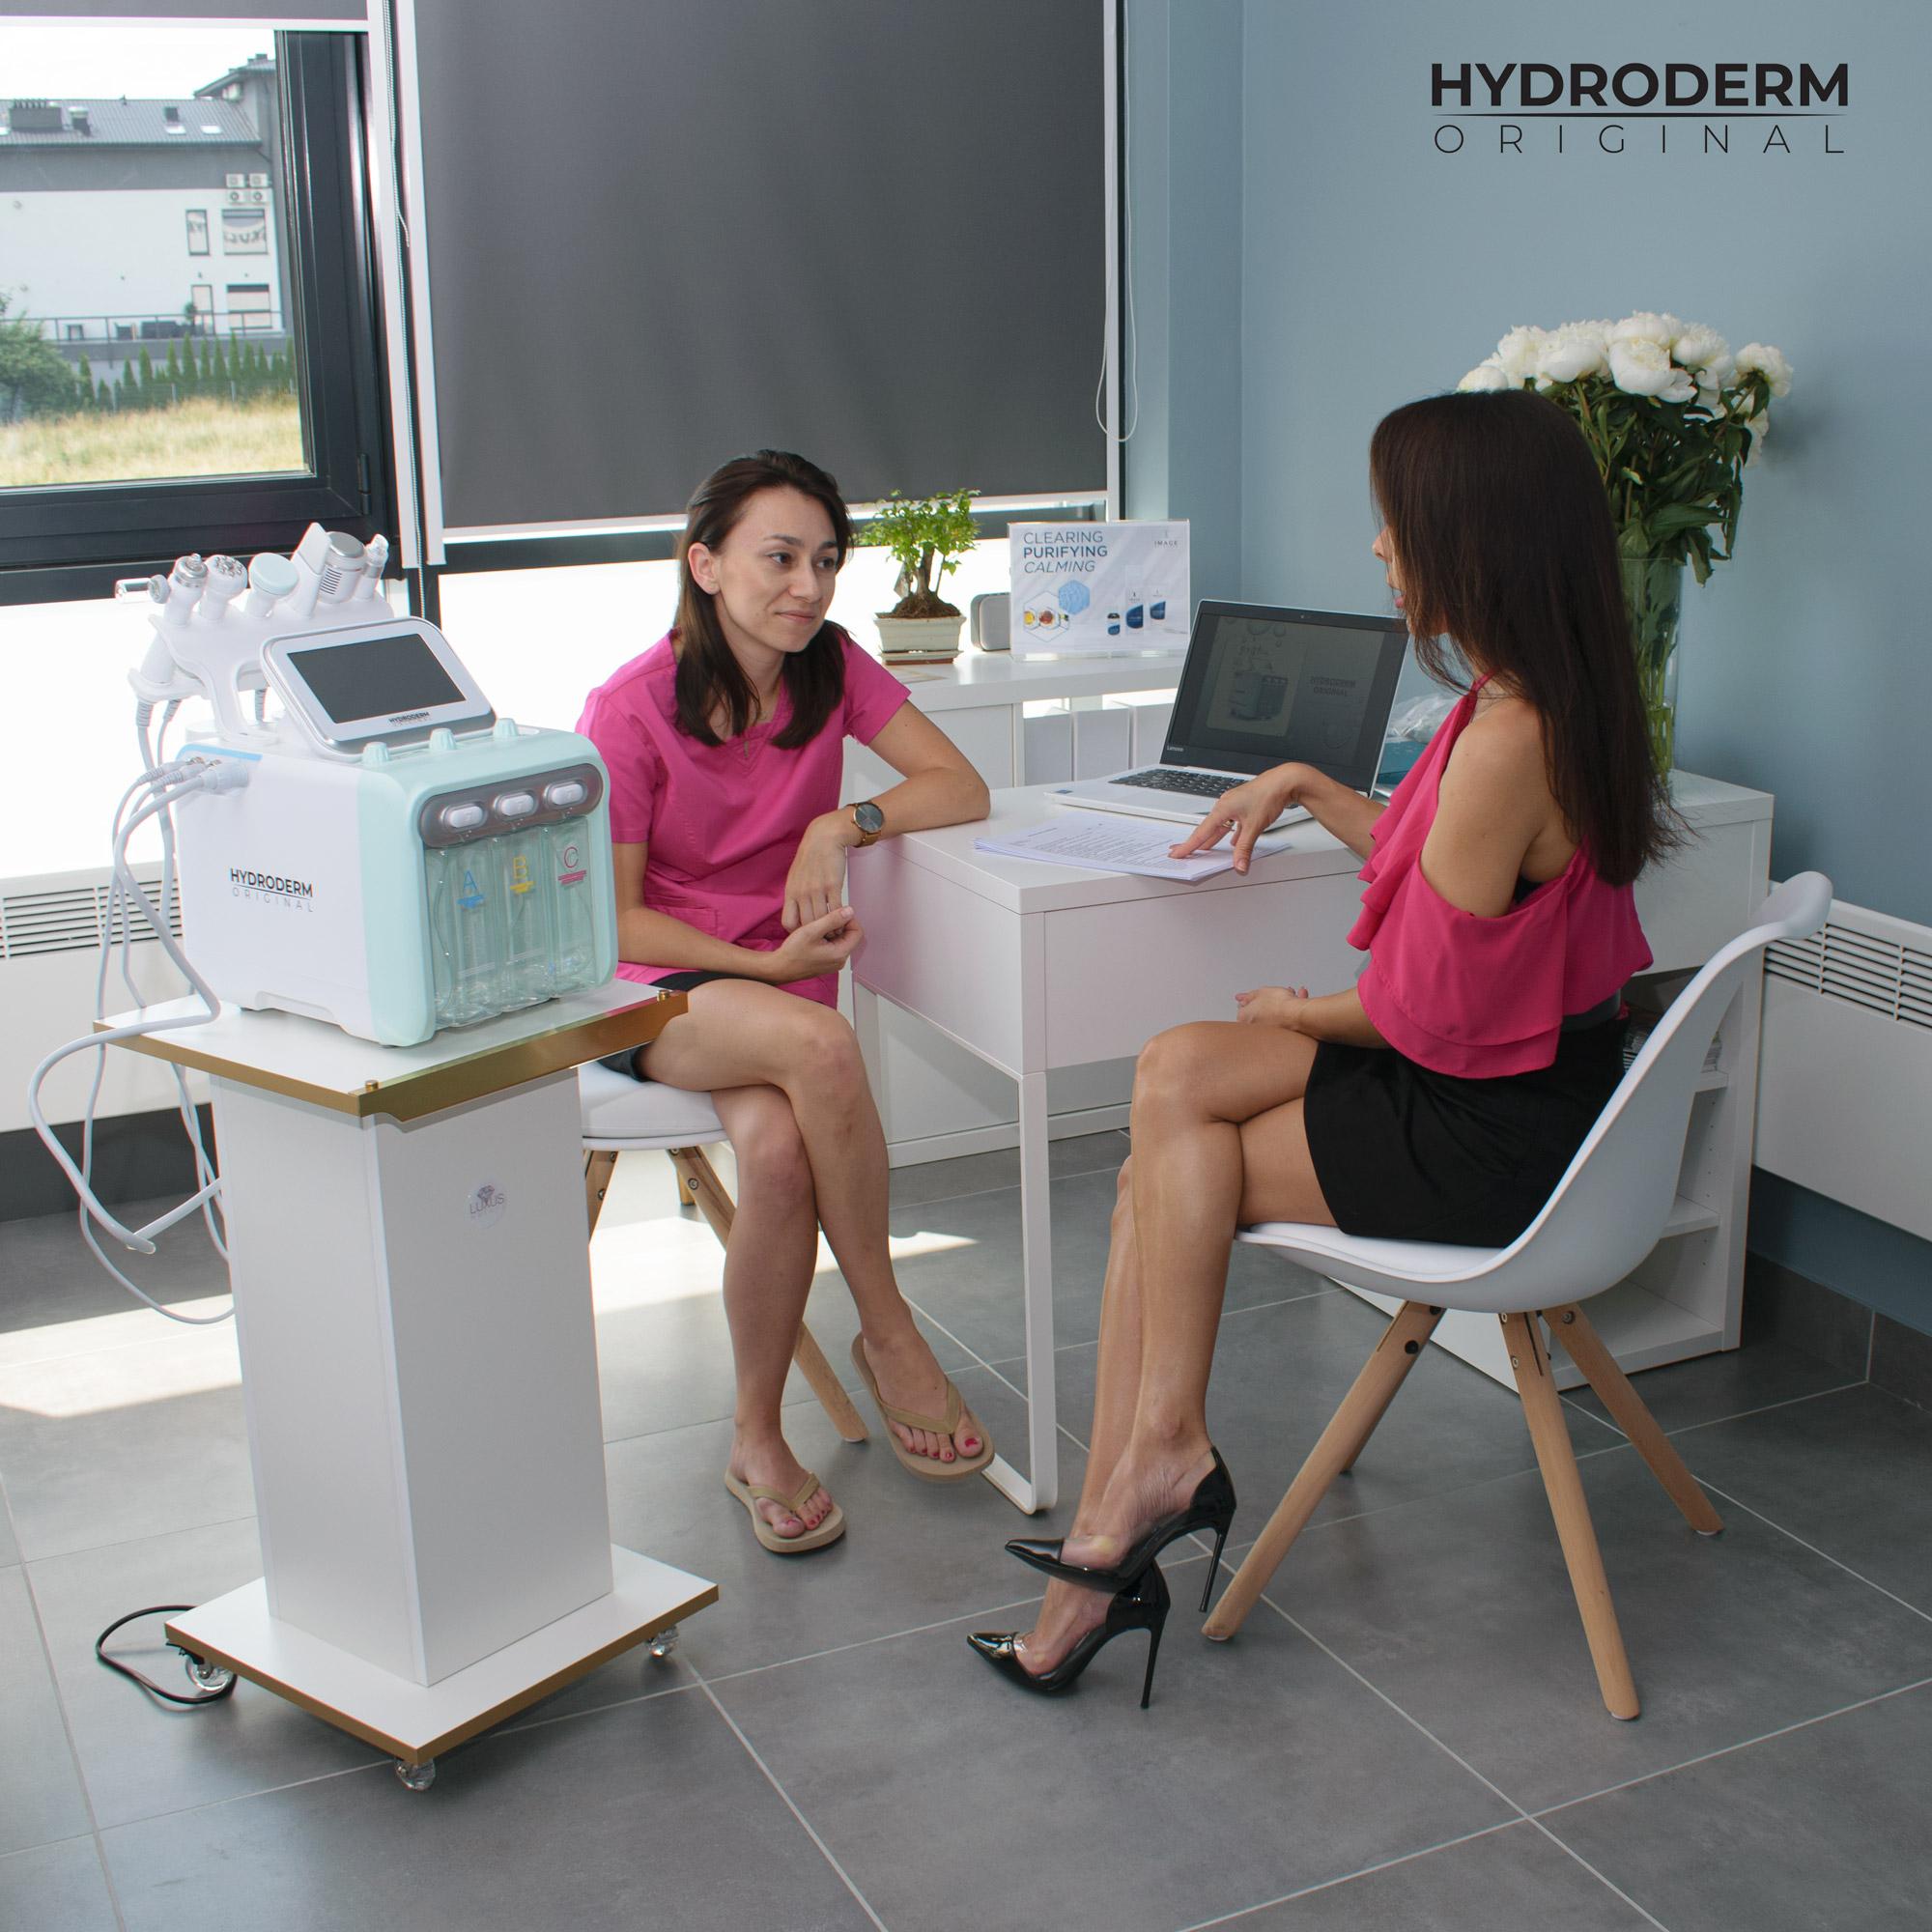 Przed lekcją praktyczną kosmetolog przedstawia w prezentacji najważniejsze zagadnienia z dziedziny oczyszczania wodorowego